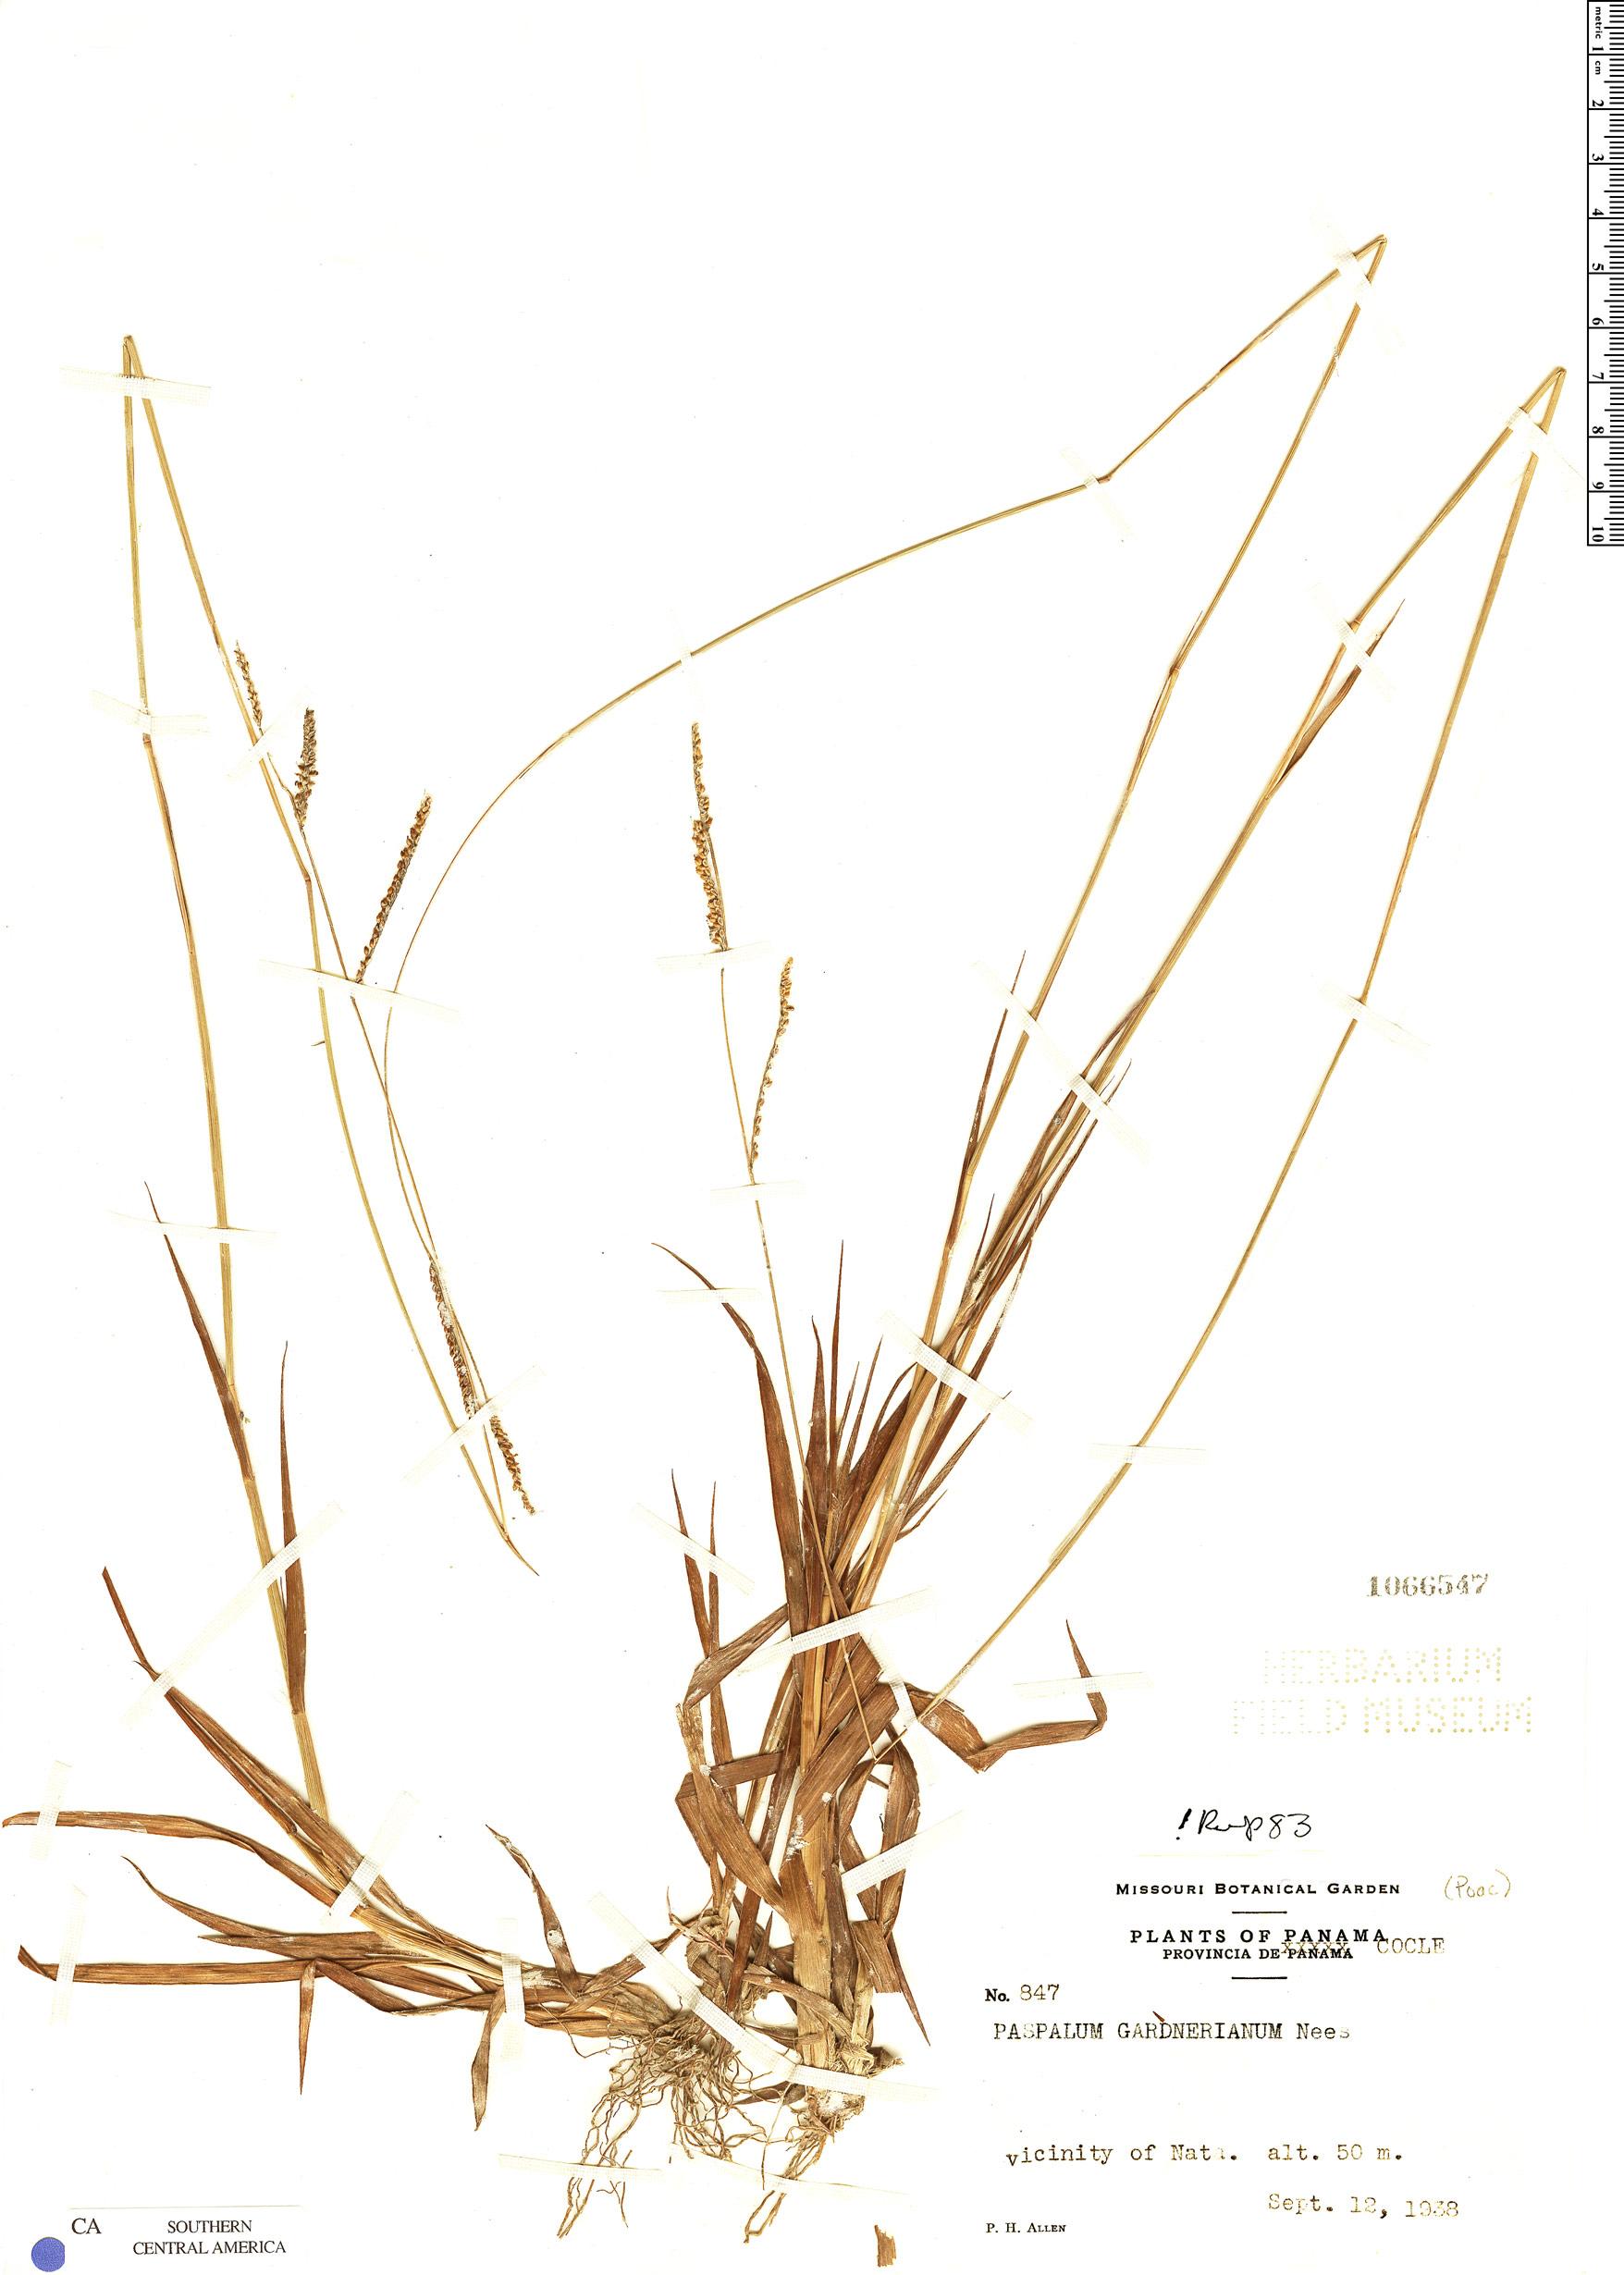 Specimen: Paspalum gardnerianum